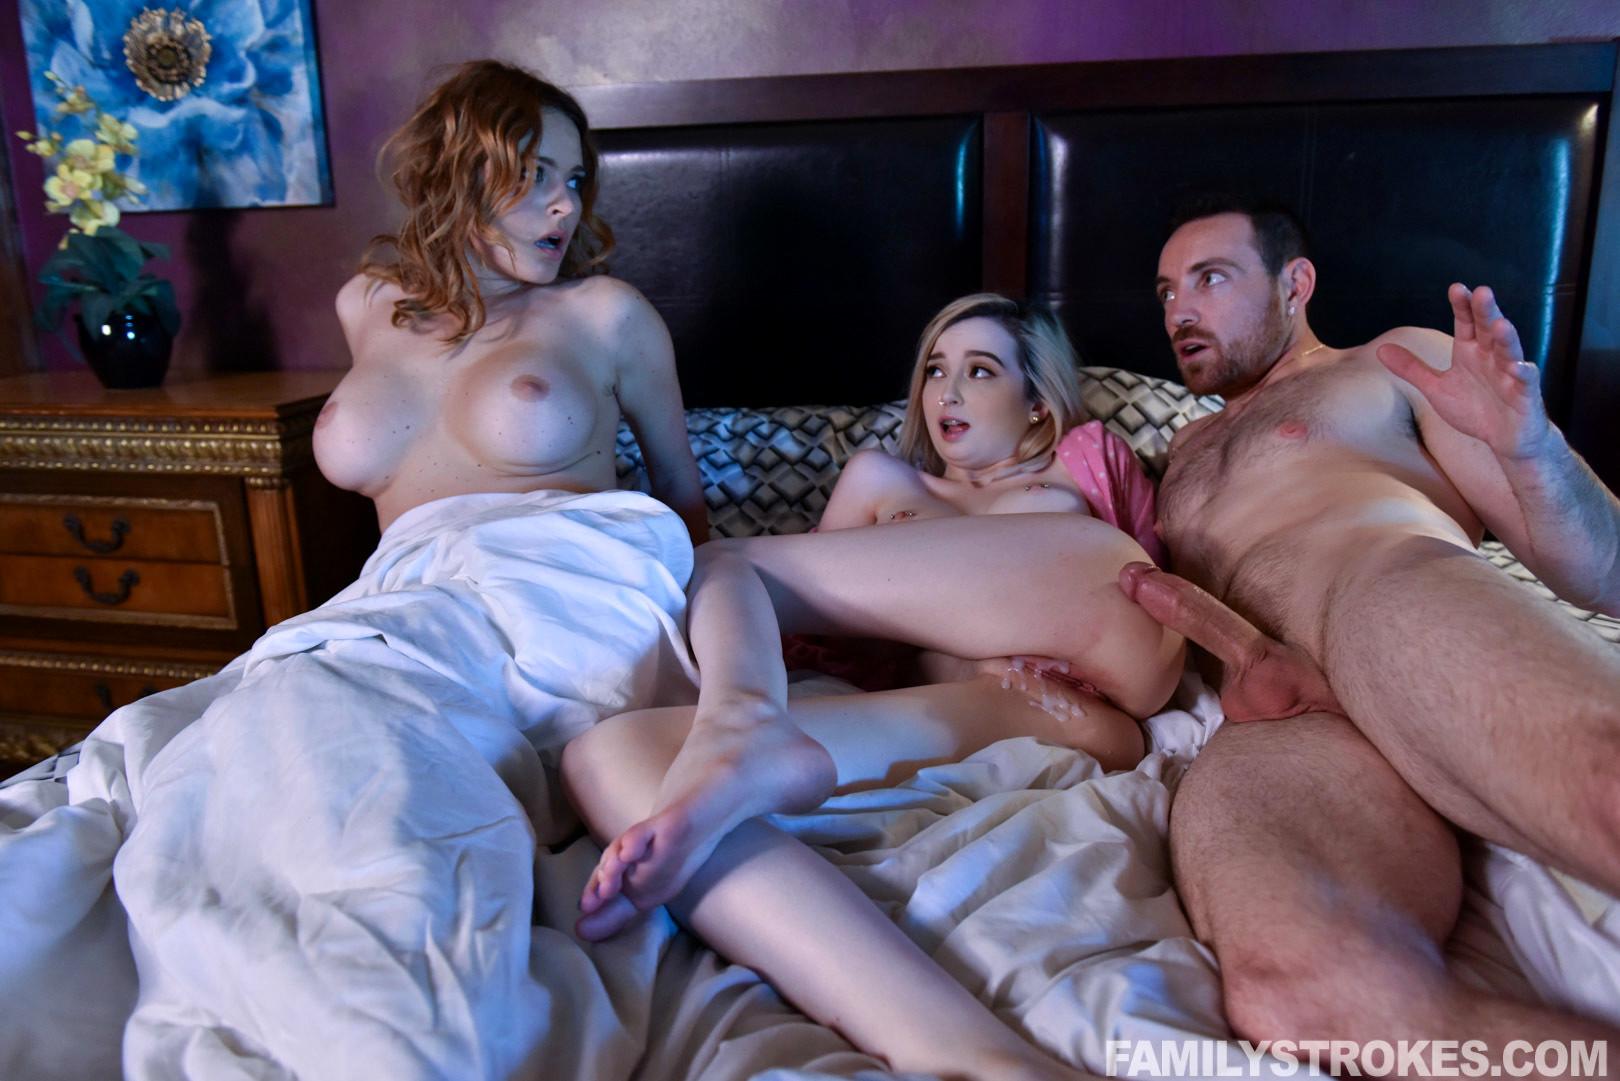 Порно фильмы муж рядом смотрит